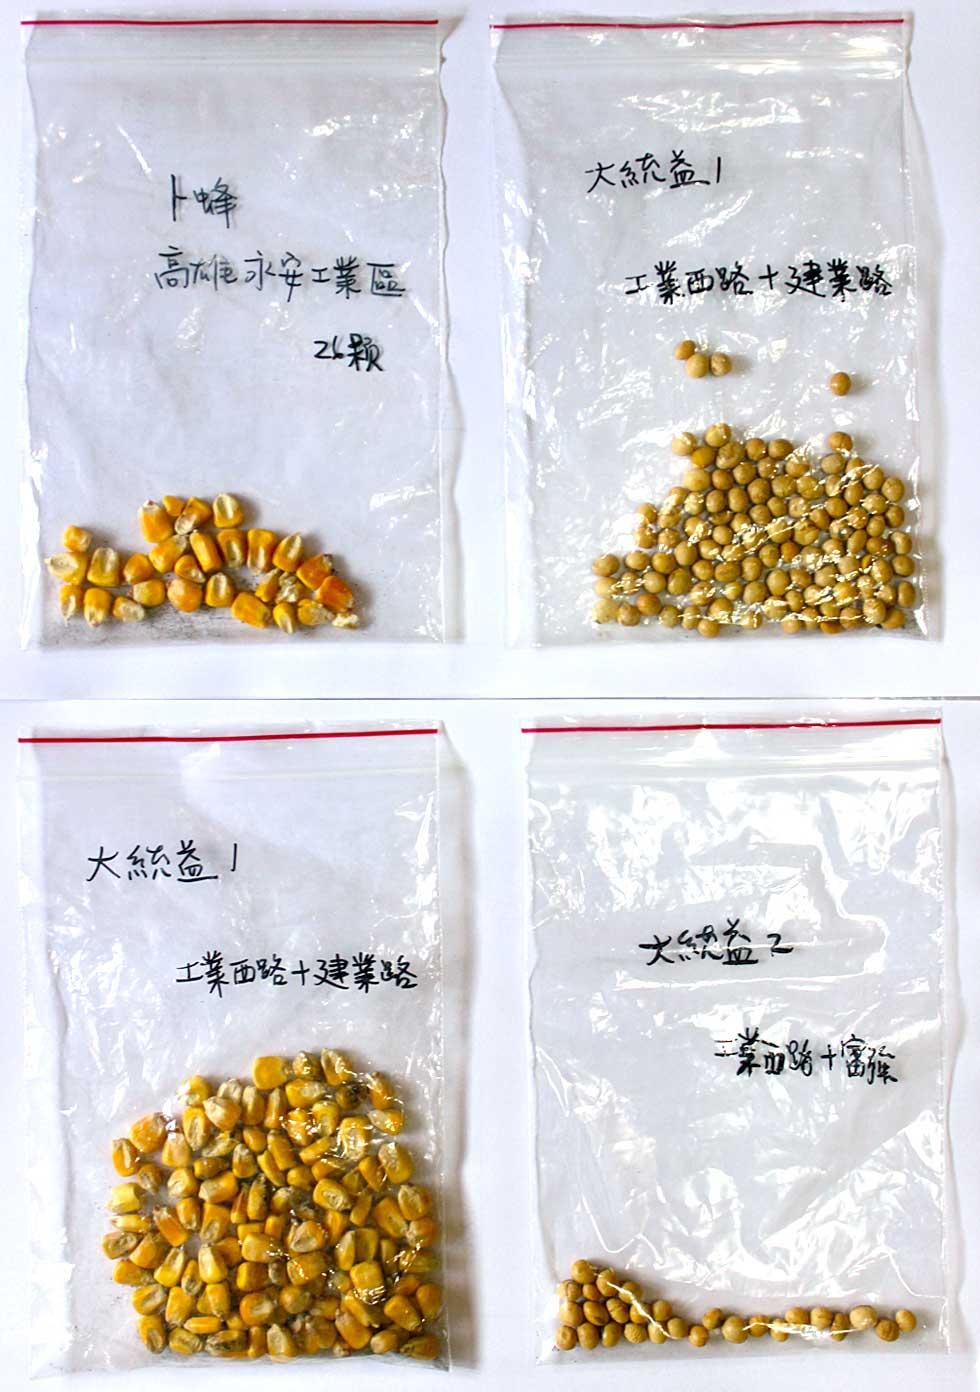 上下游記者撿到的黃豆及玉米種籽